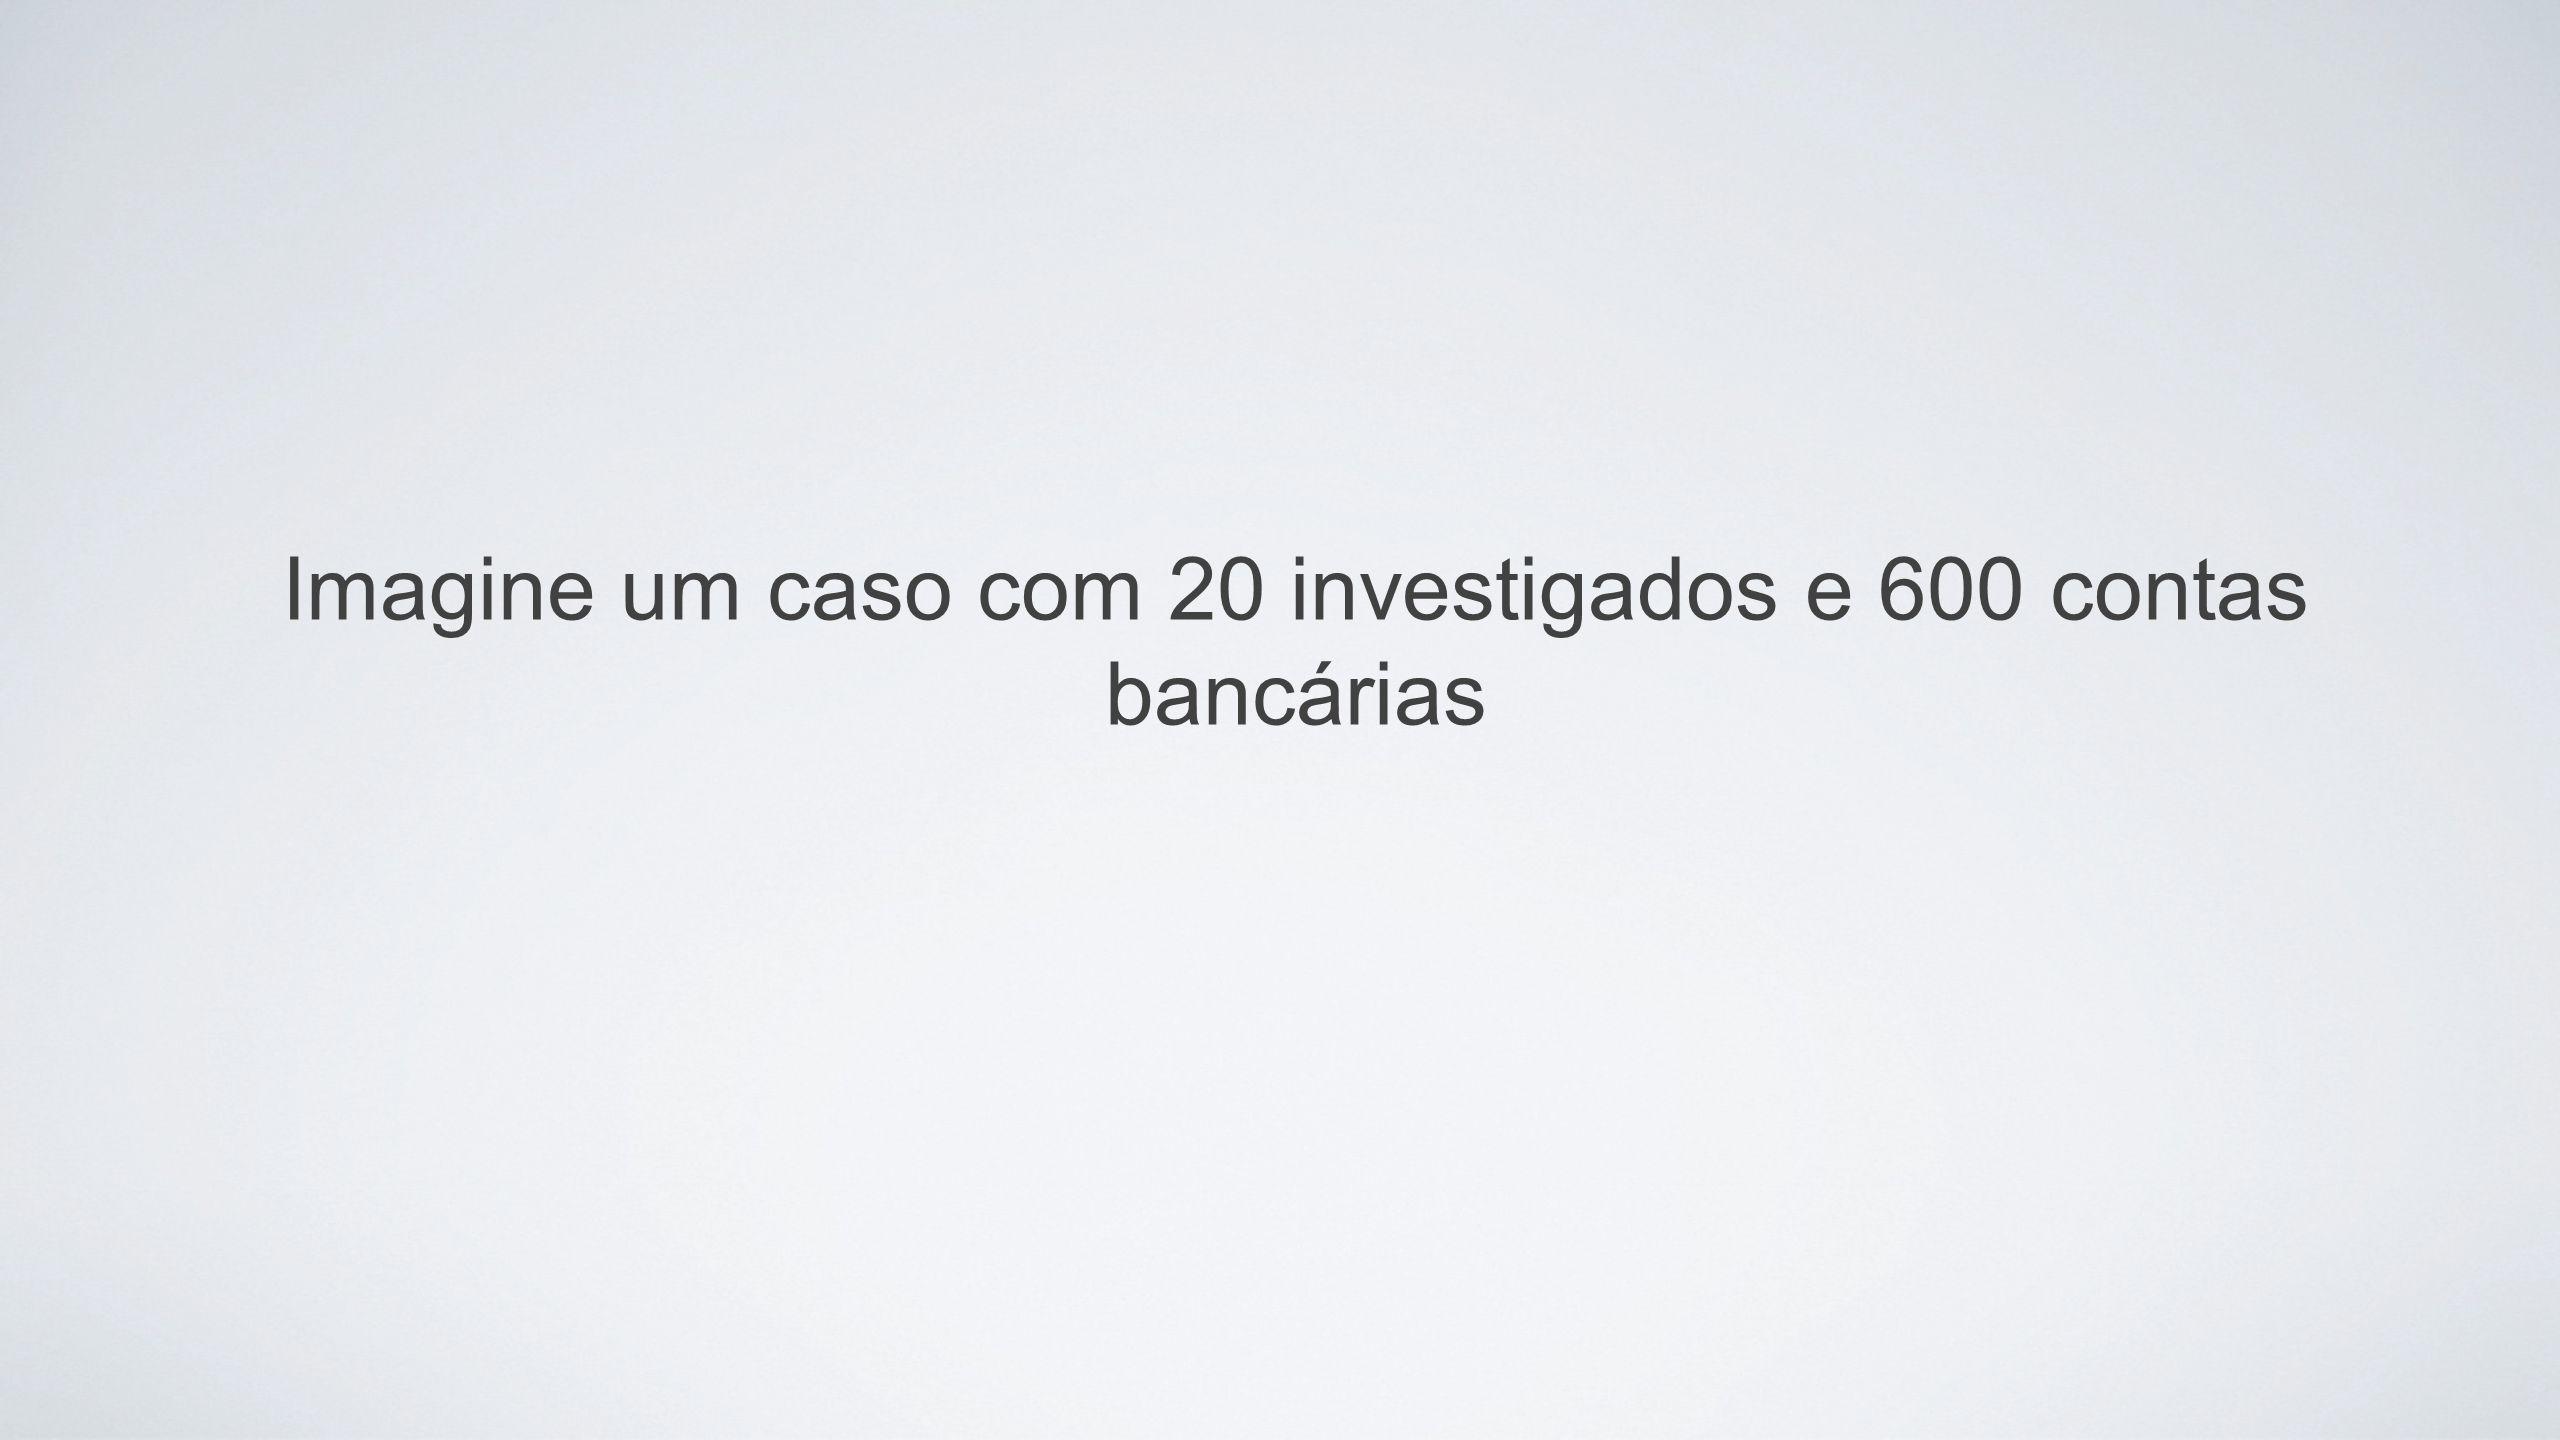 Imagine um caso com 20 investigados e 600 contas bancárias